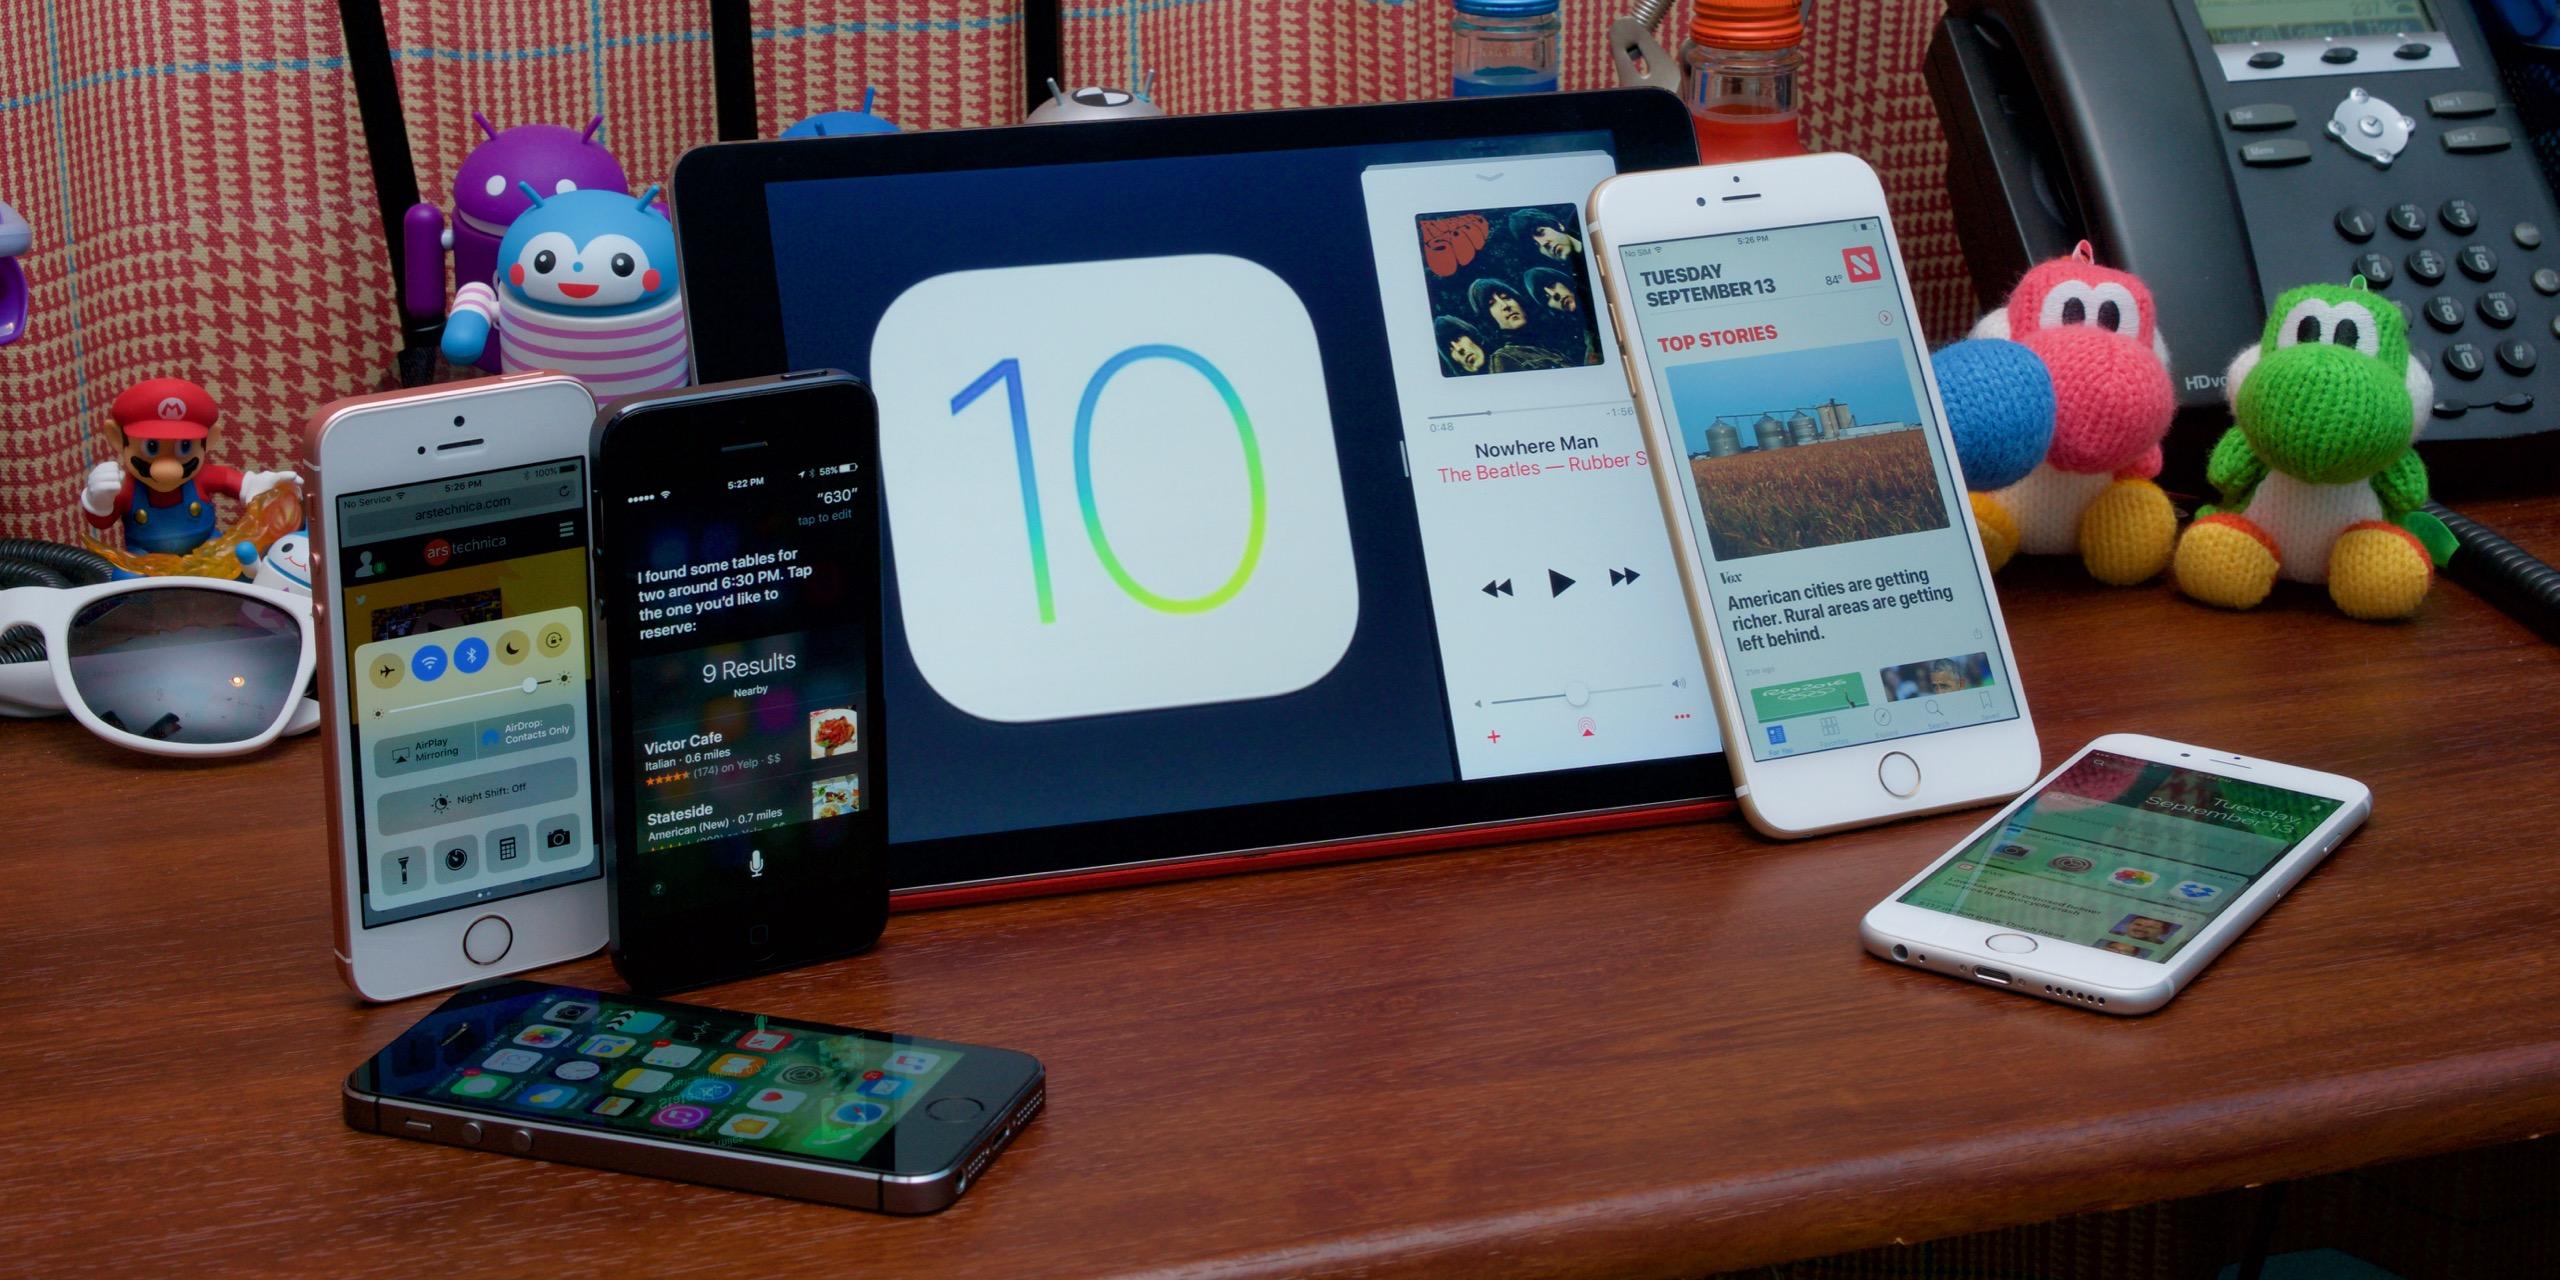 How popular iOS 10?